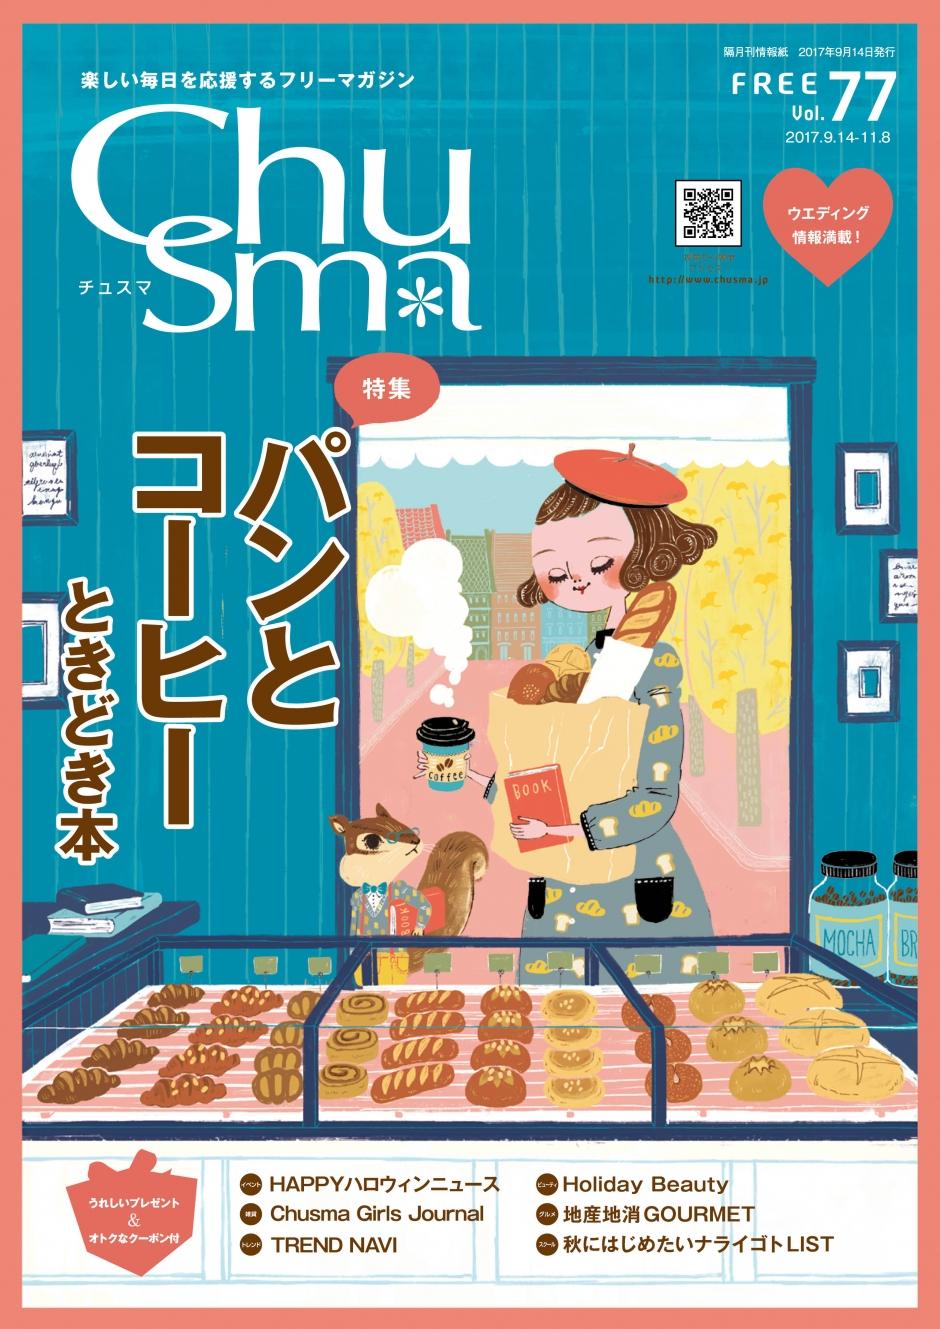 Chusma(チュスマ)Vol.77に掲載されました!